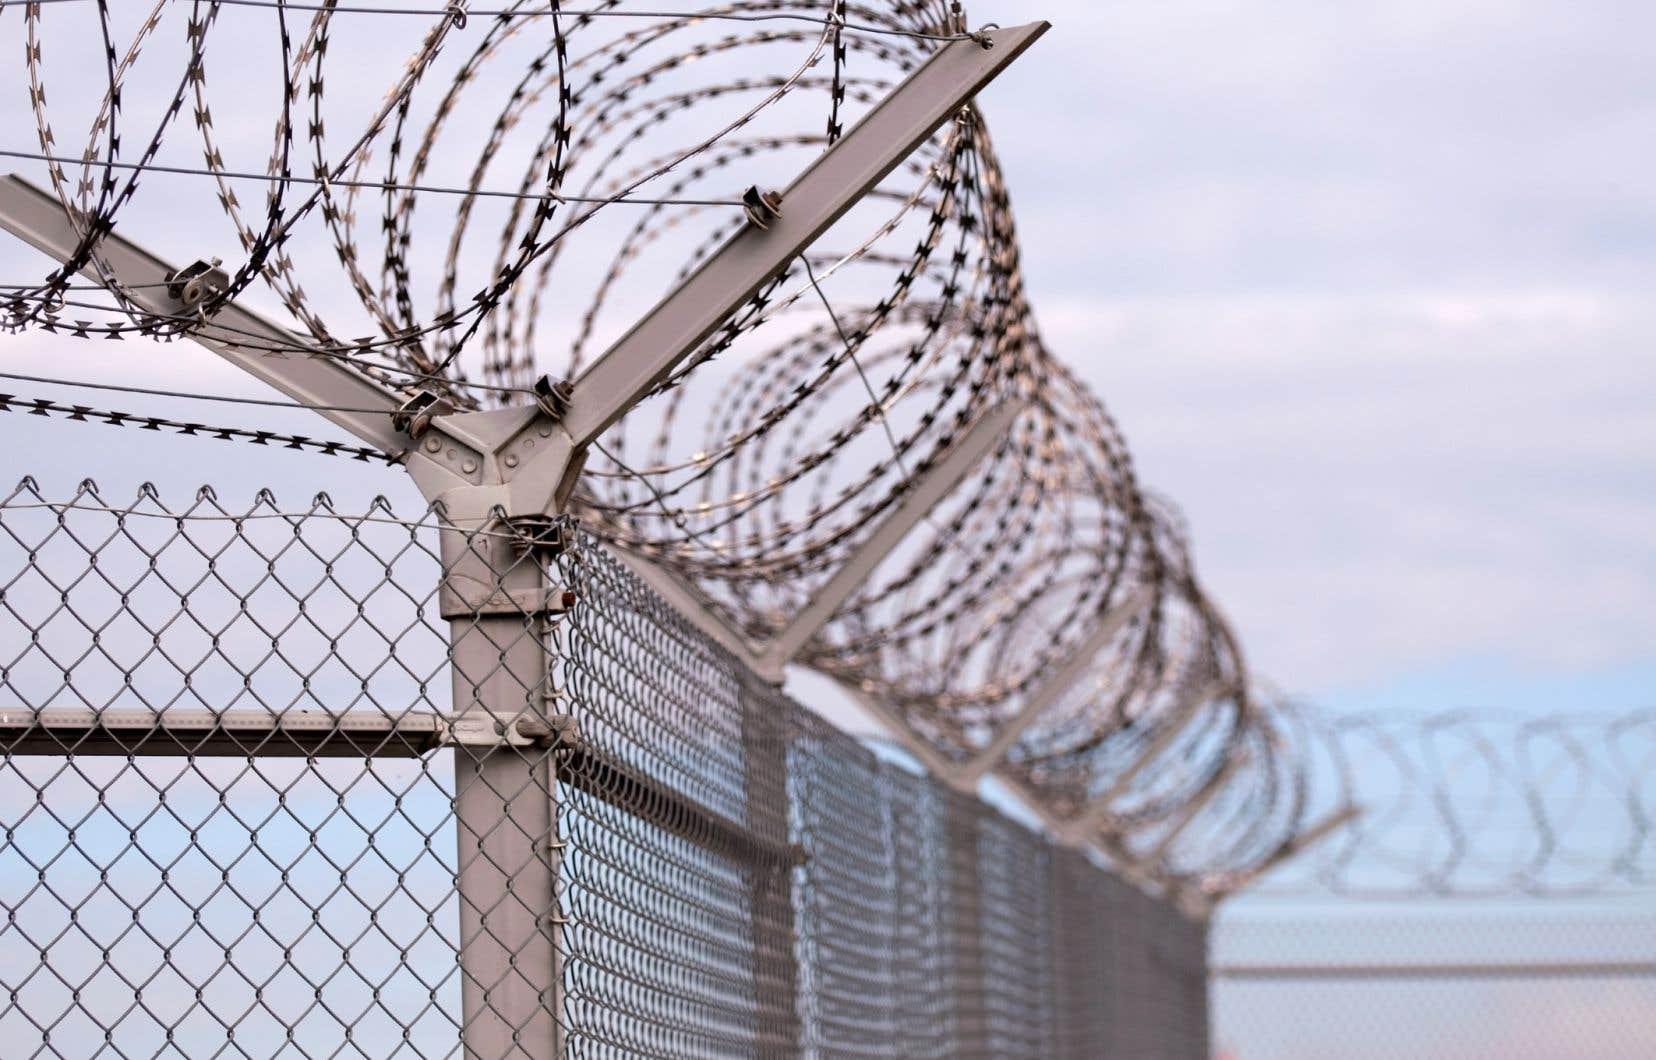 La Commission des libérations conditionnelles (CLC) a lancé une enquête interne, mais sa composition même a été remise en question dans la foulée du drame de Marylène Lévesque.